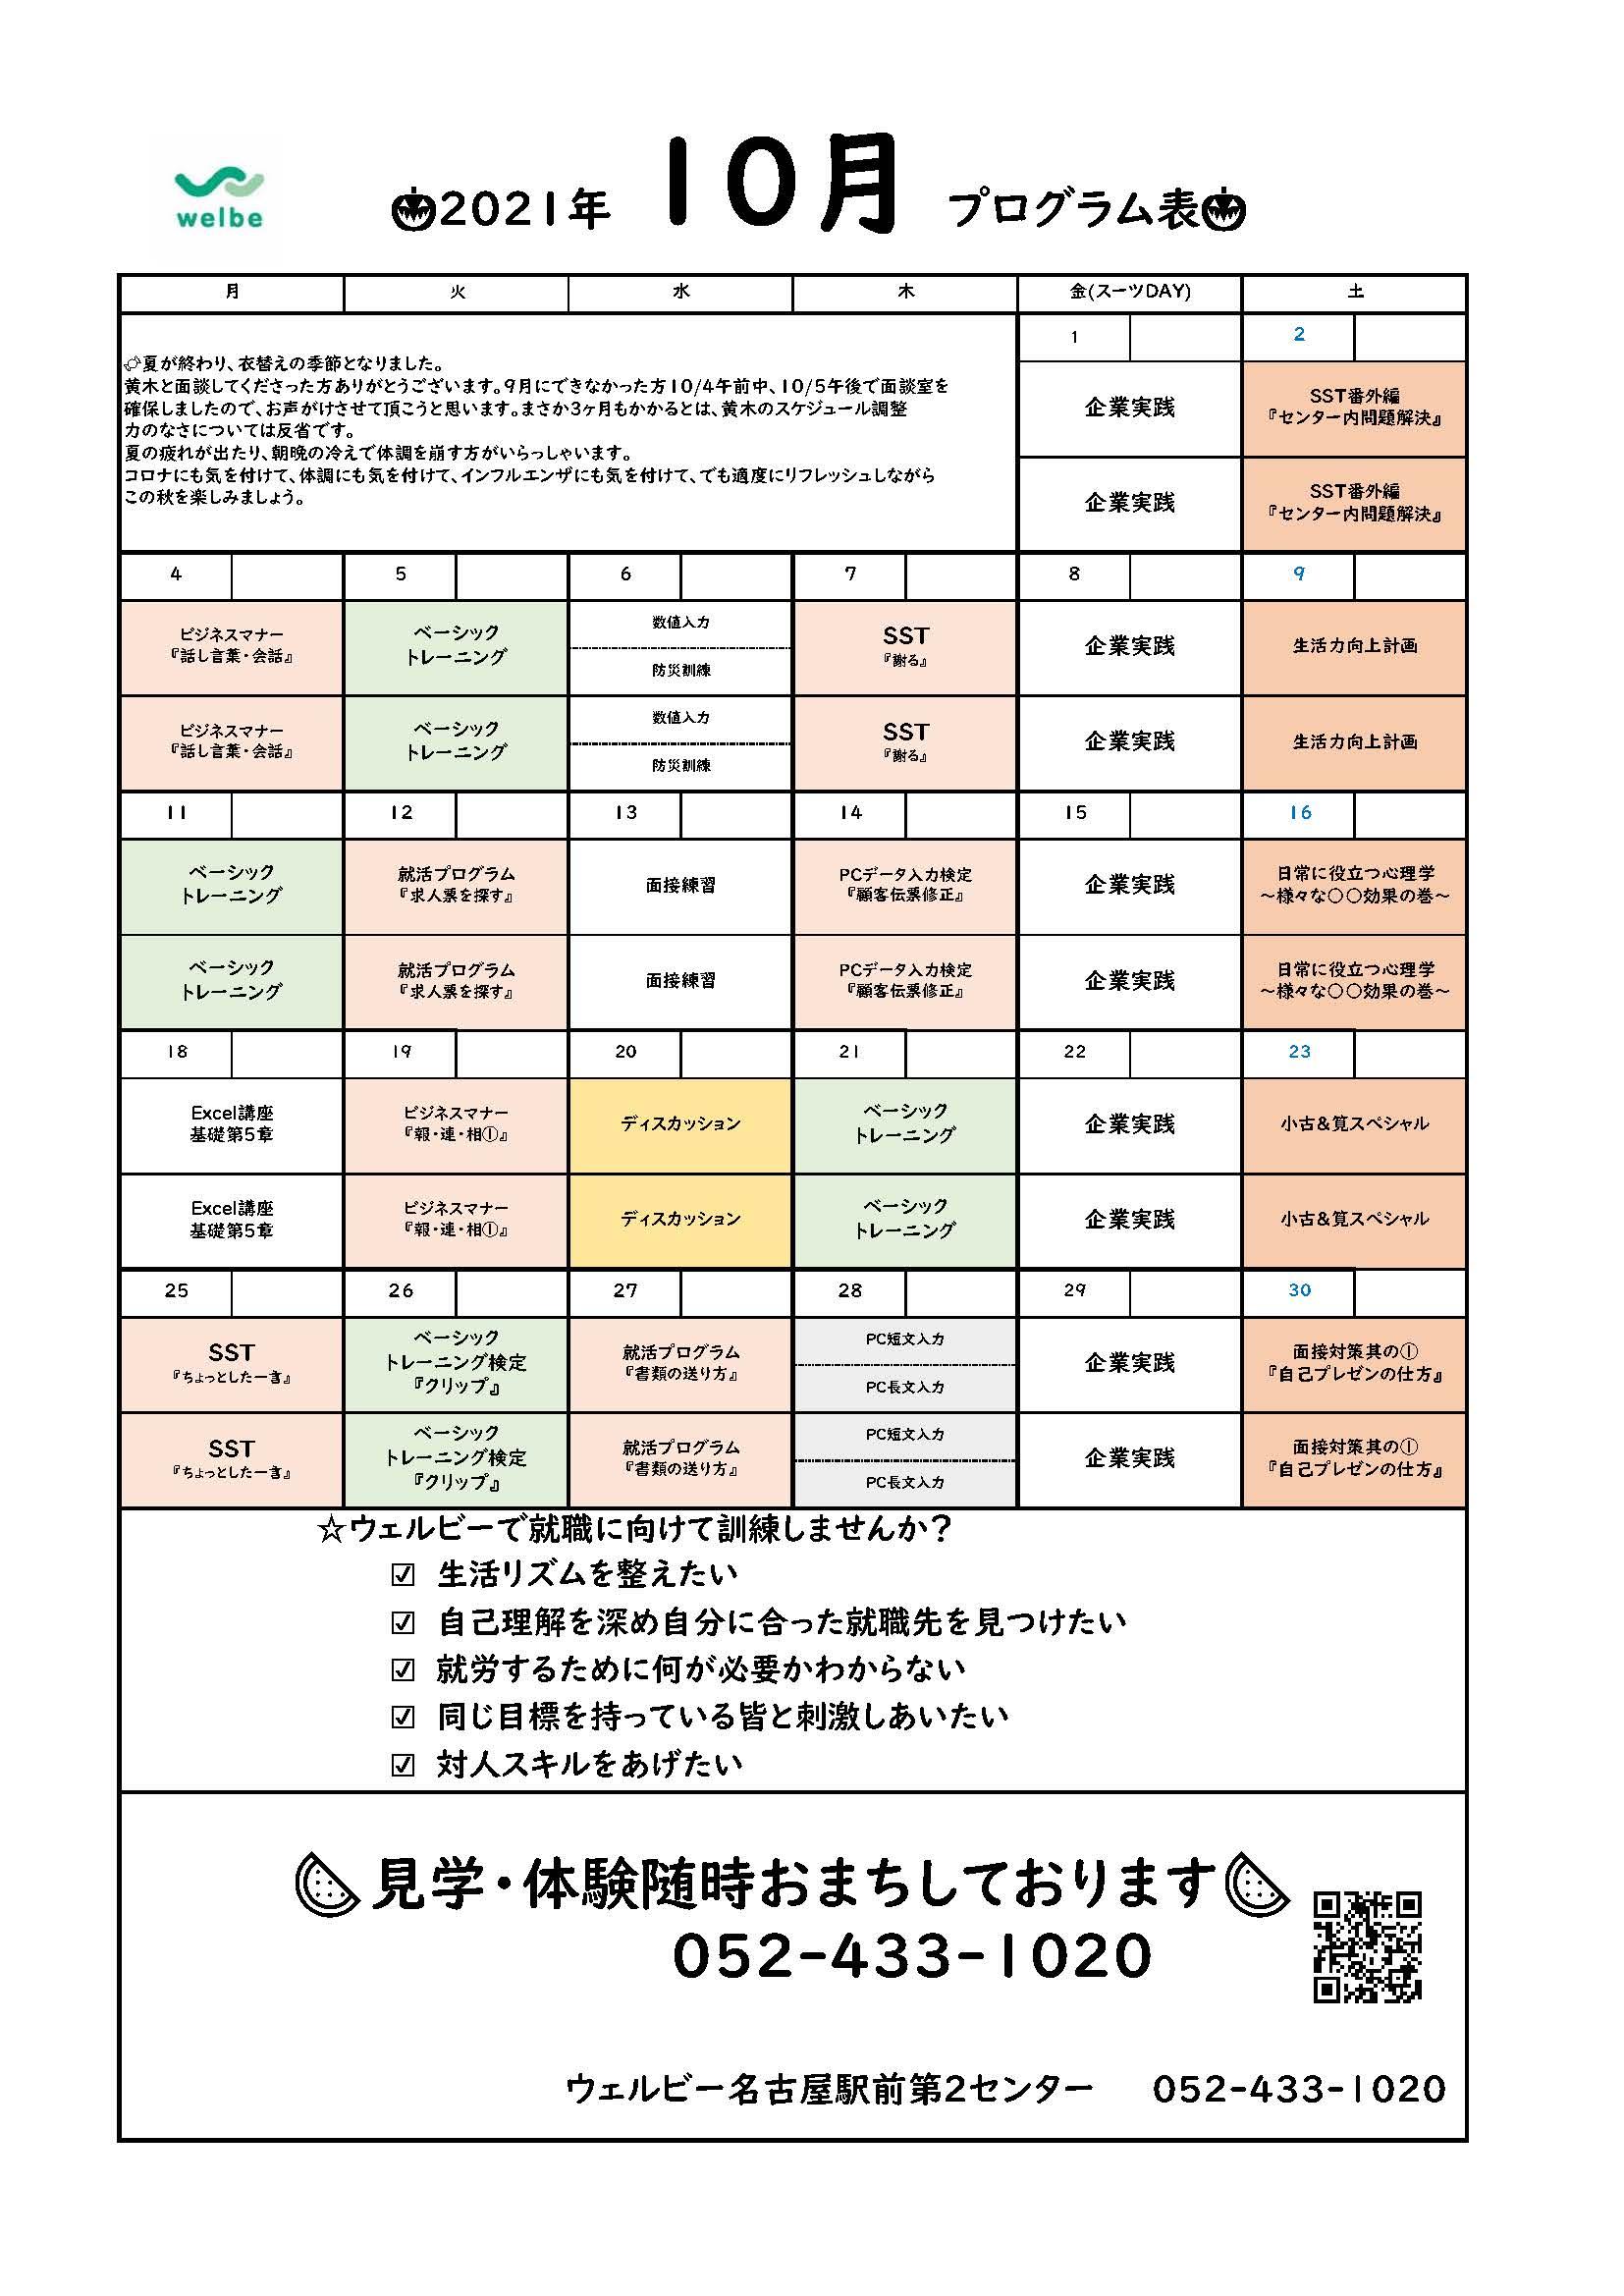 ウェルビー名古屋駅前第2センター画像①【10月プログラム】